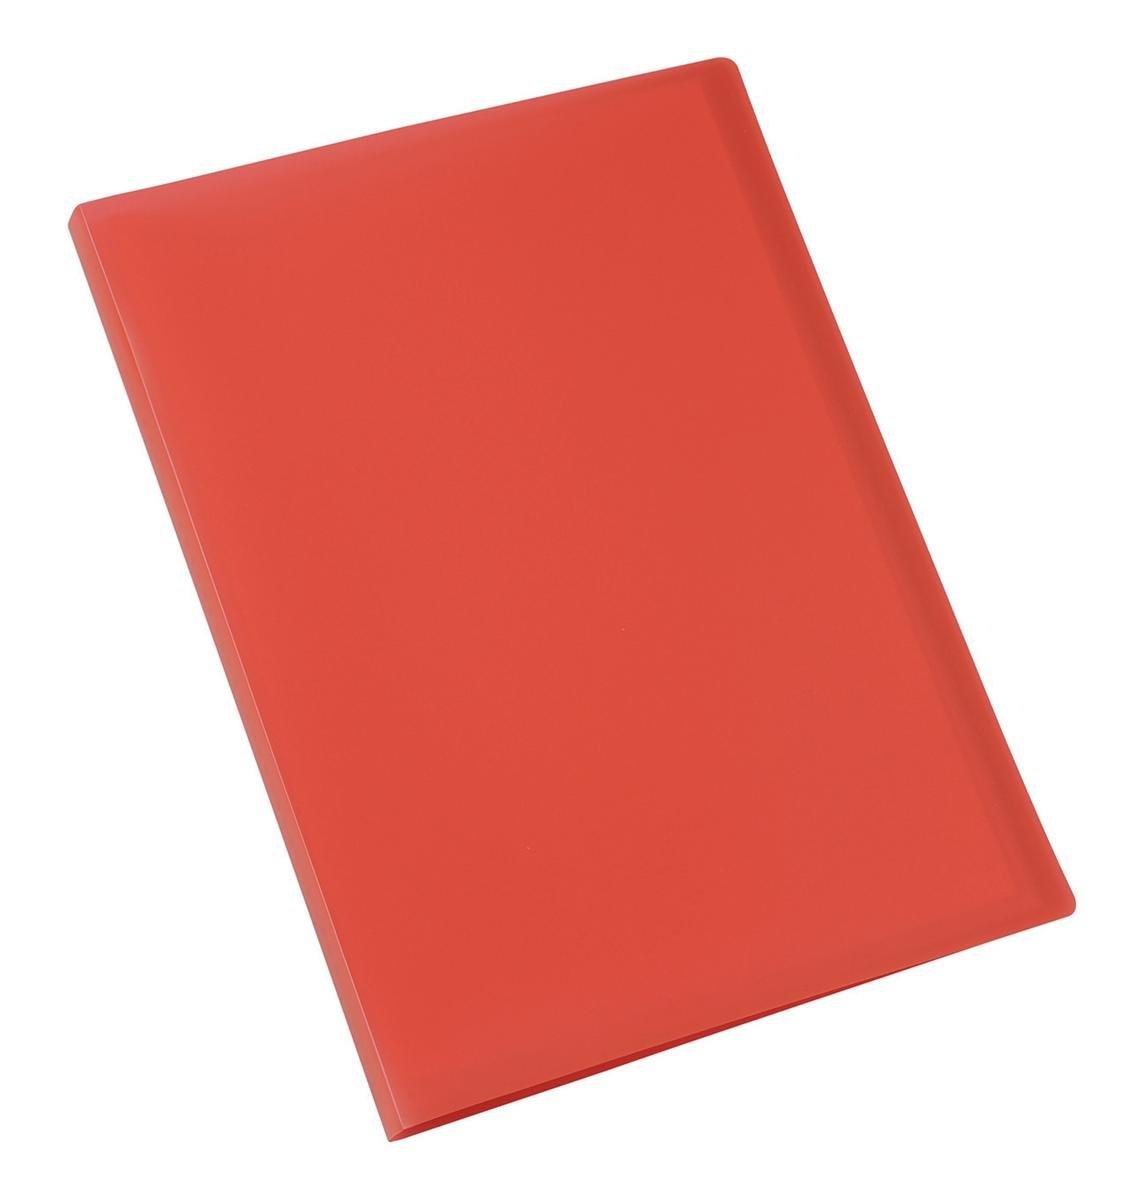 5 Star Display Book Soft Cover Lightweight Polypropylene 40 Pockets A4 Red OfficeCenter 901341